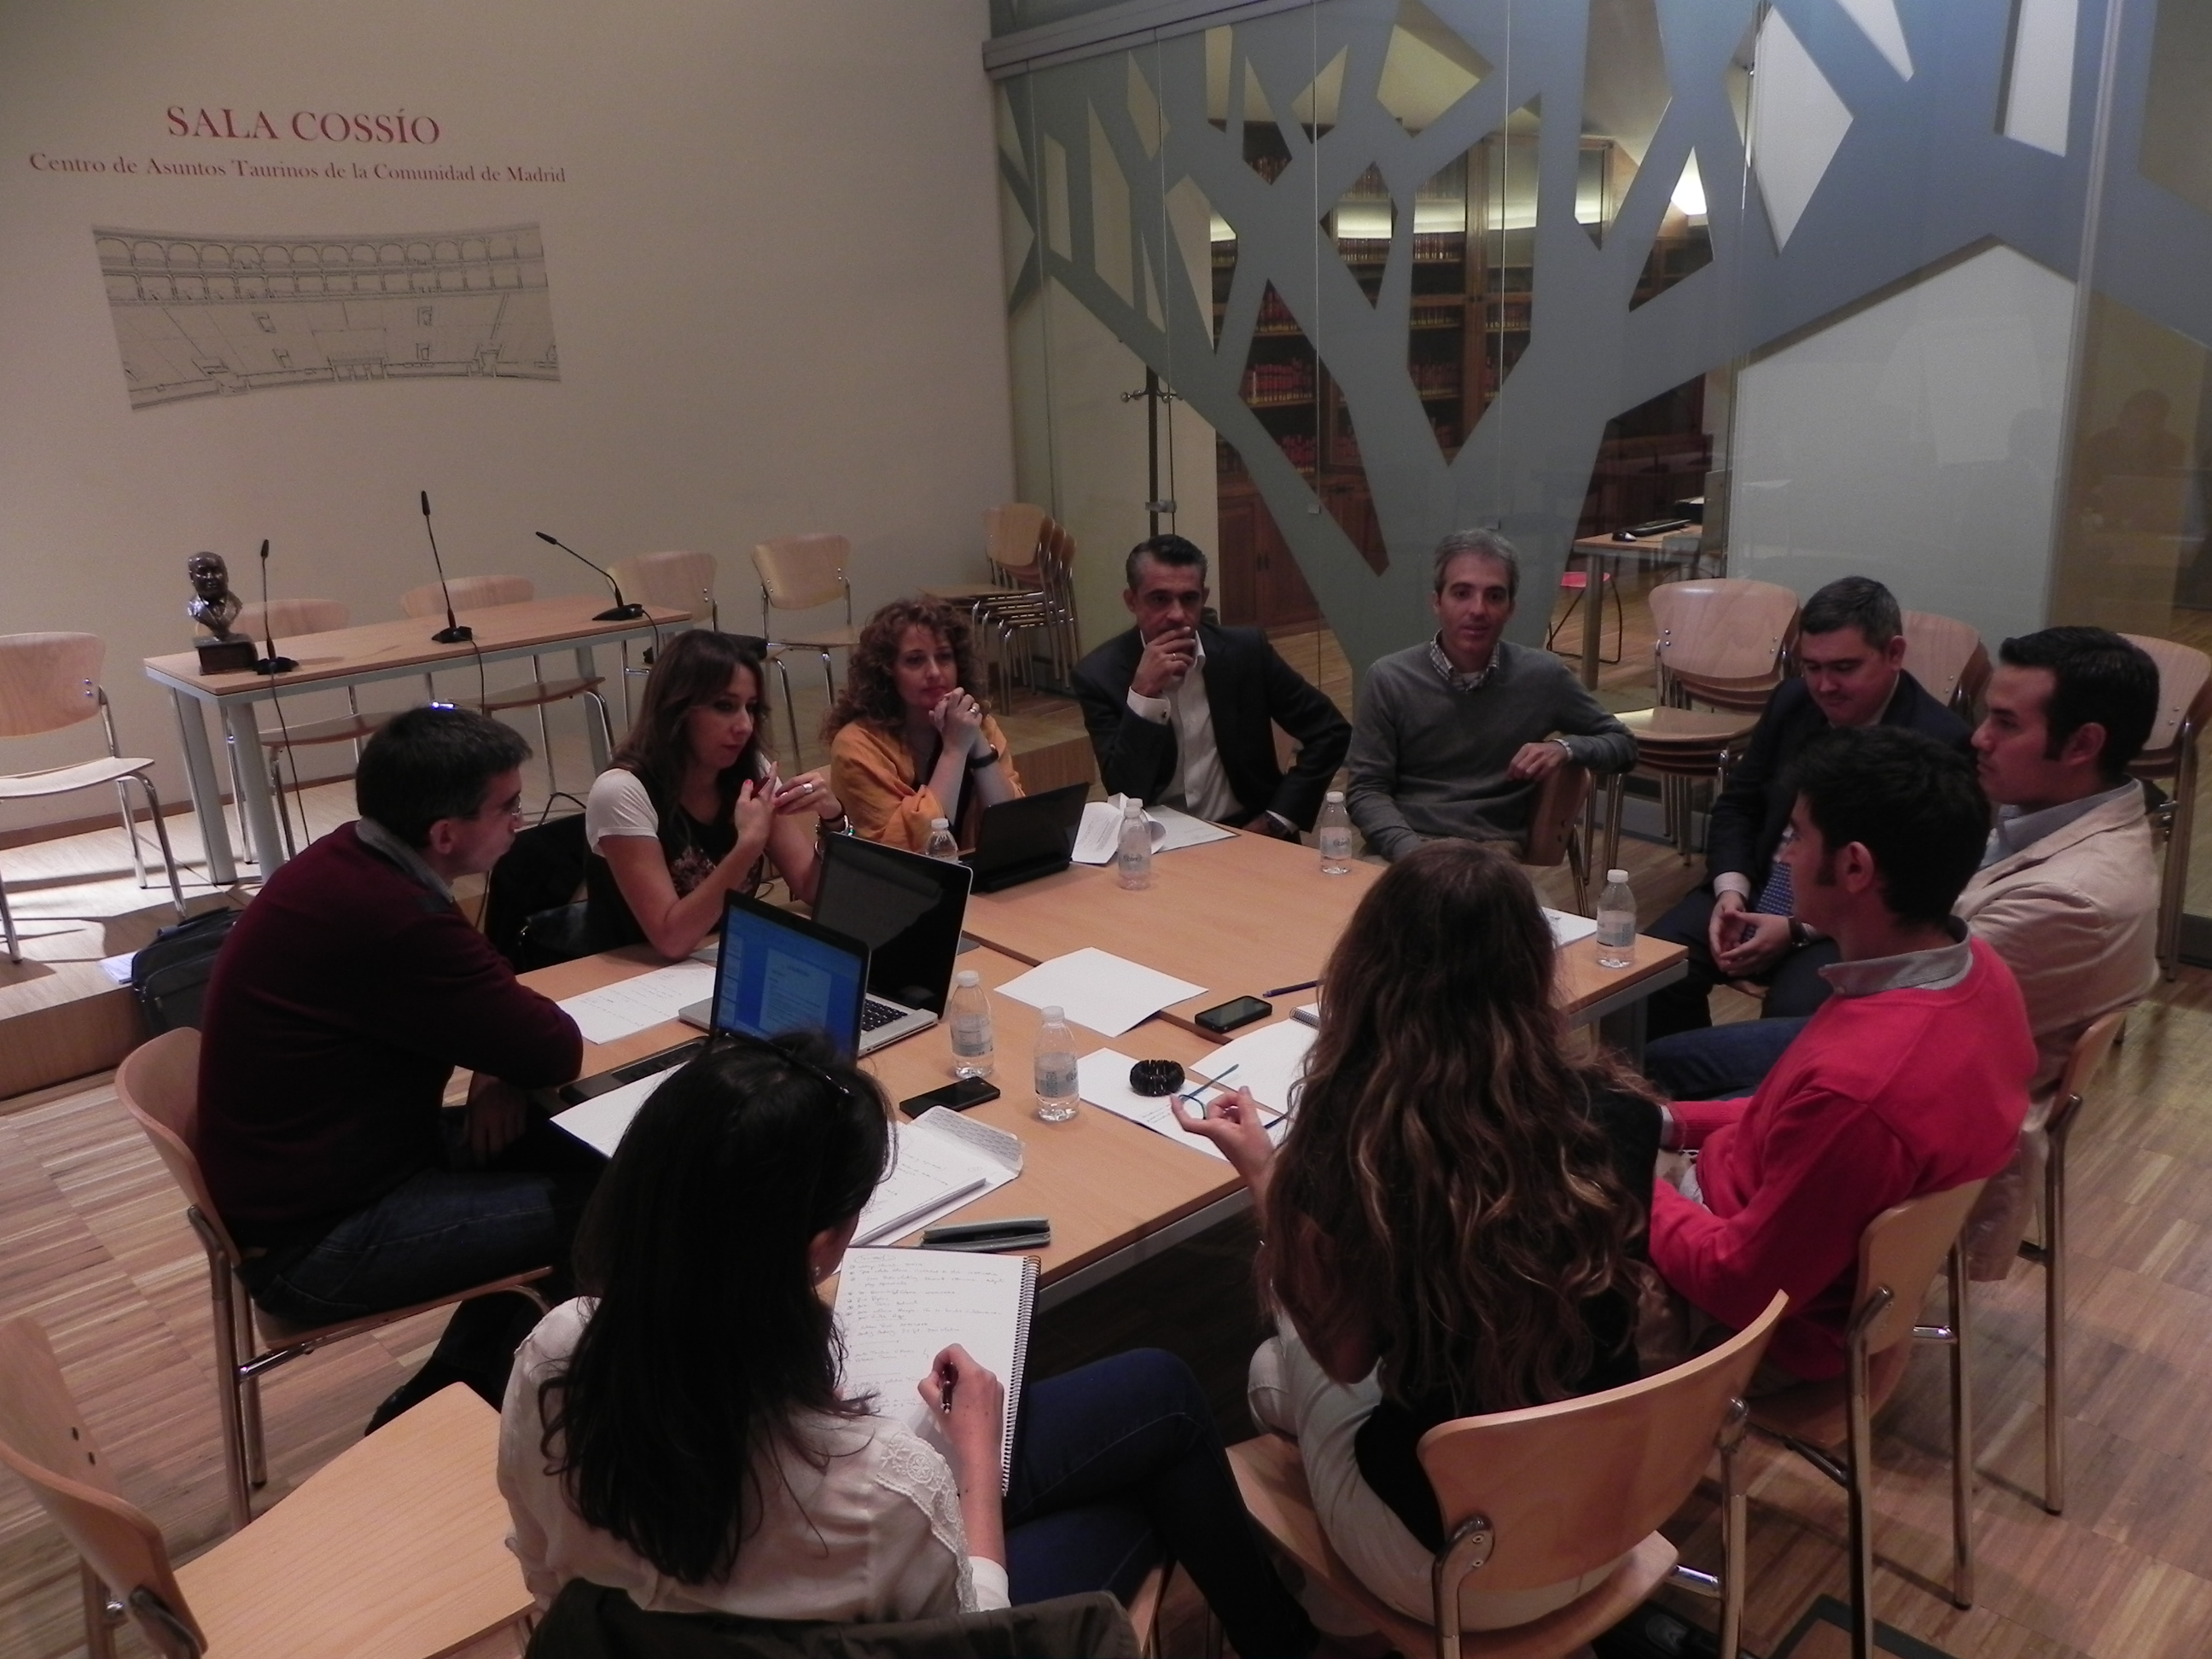 La Universidad de Salamanca participa en la creación de RUTADIT, 'Red Universitaria para el Análisis y el Diagnóstico de la Industria Taurina'